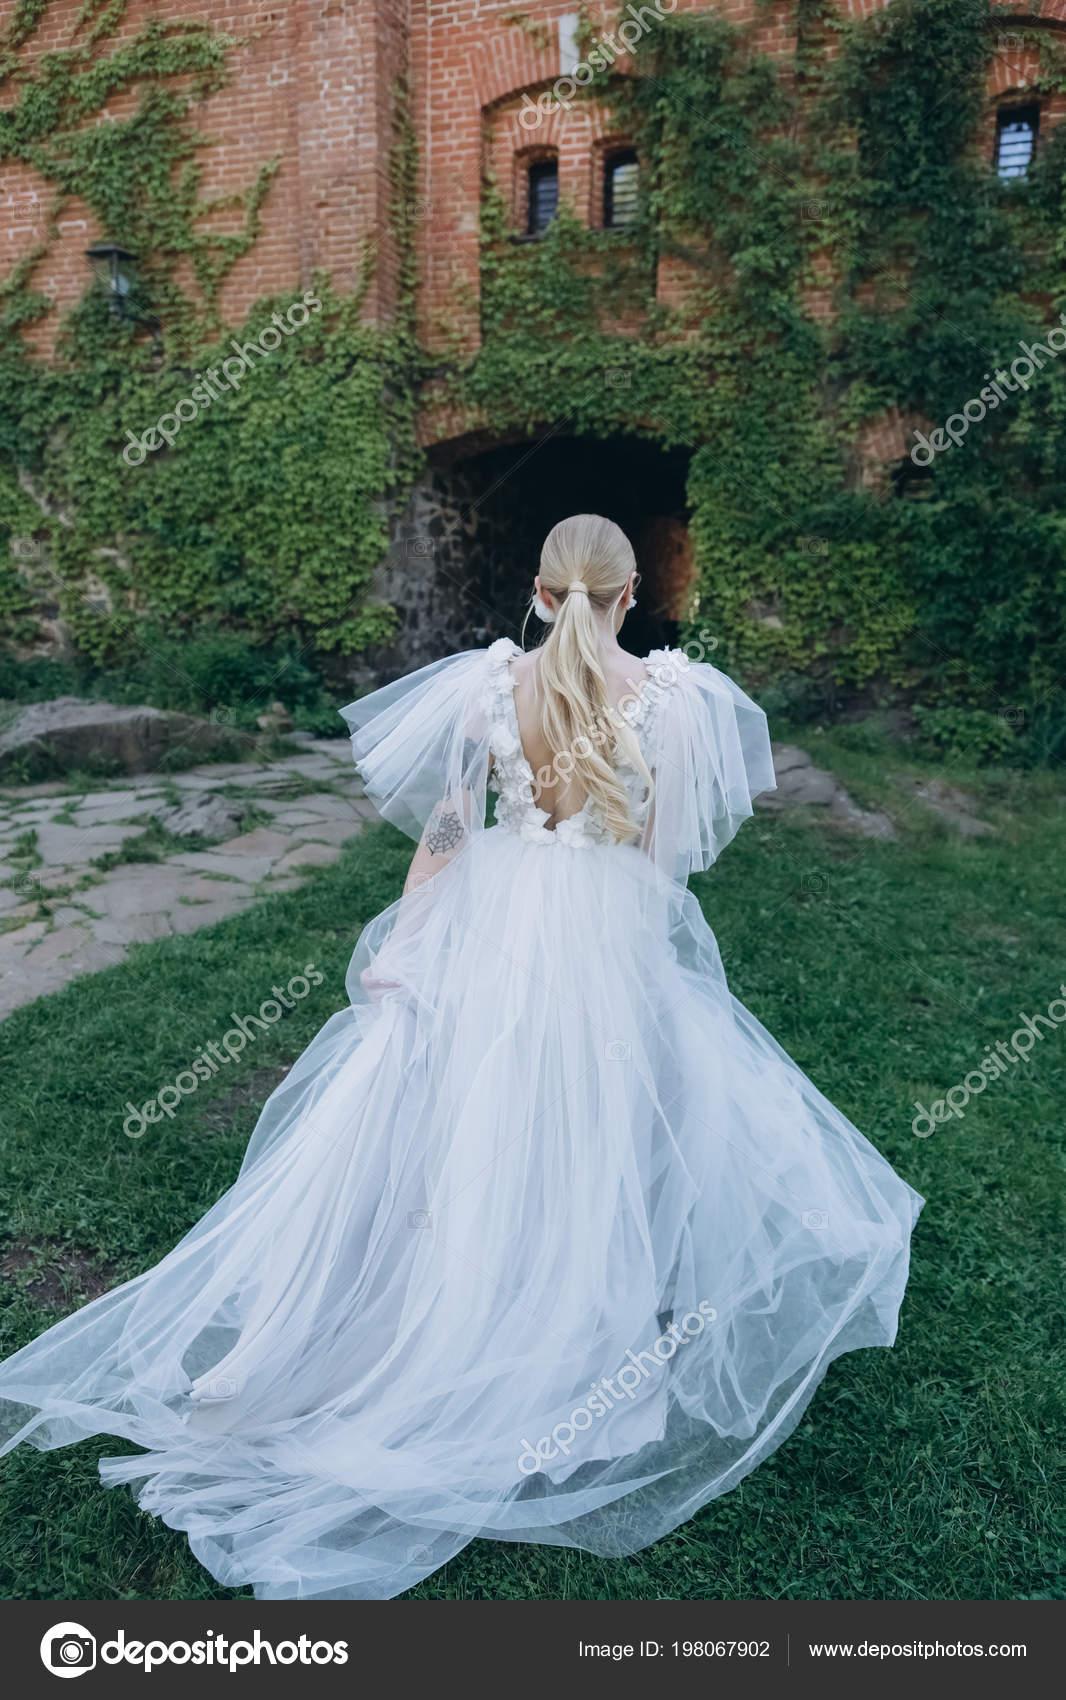 Ruckansicht Der Junge Braut Schonen Hochzeitskleid Vor Alten Gebaude